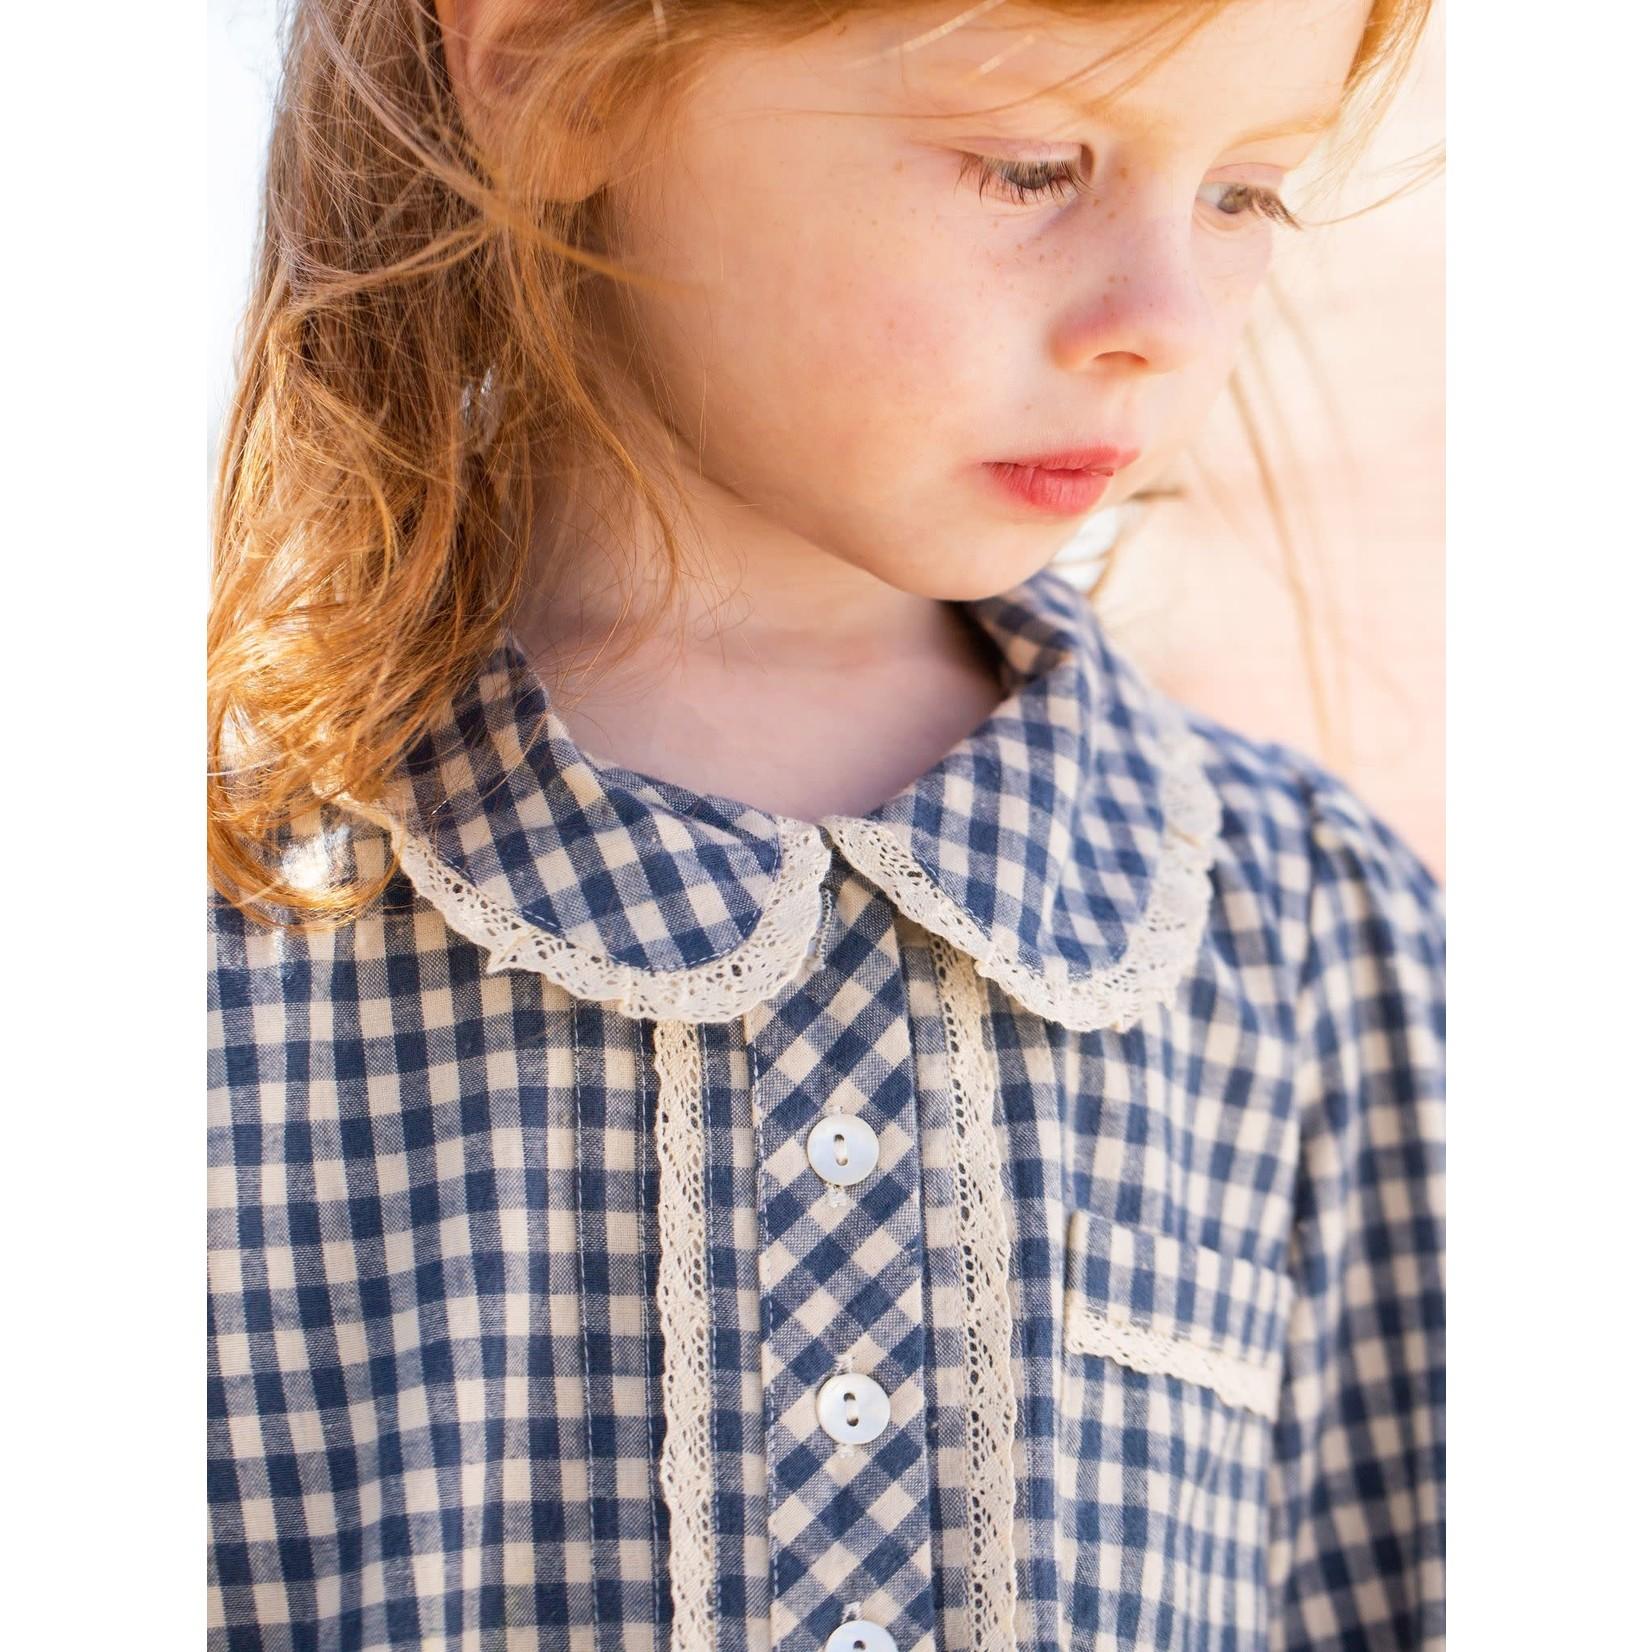 April Cornell Tanya Kids Dress - Teal/Ecru